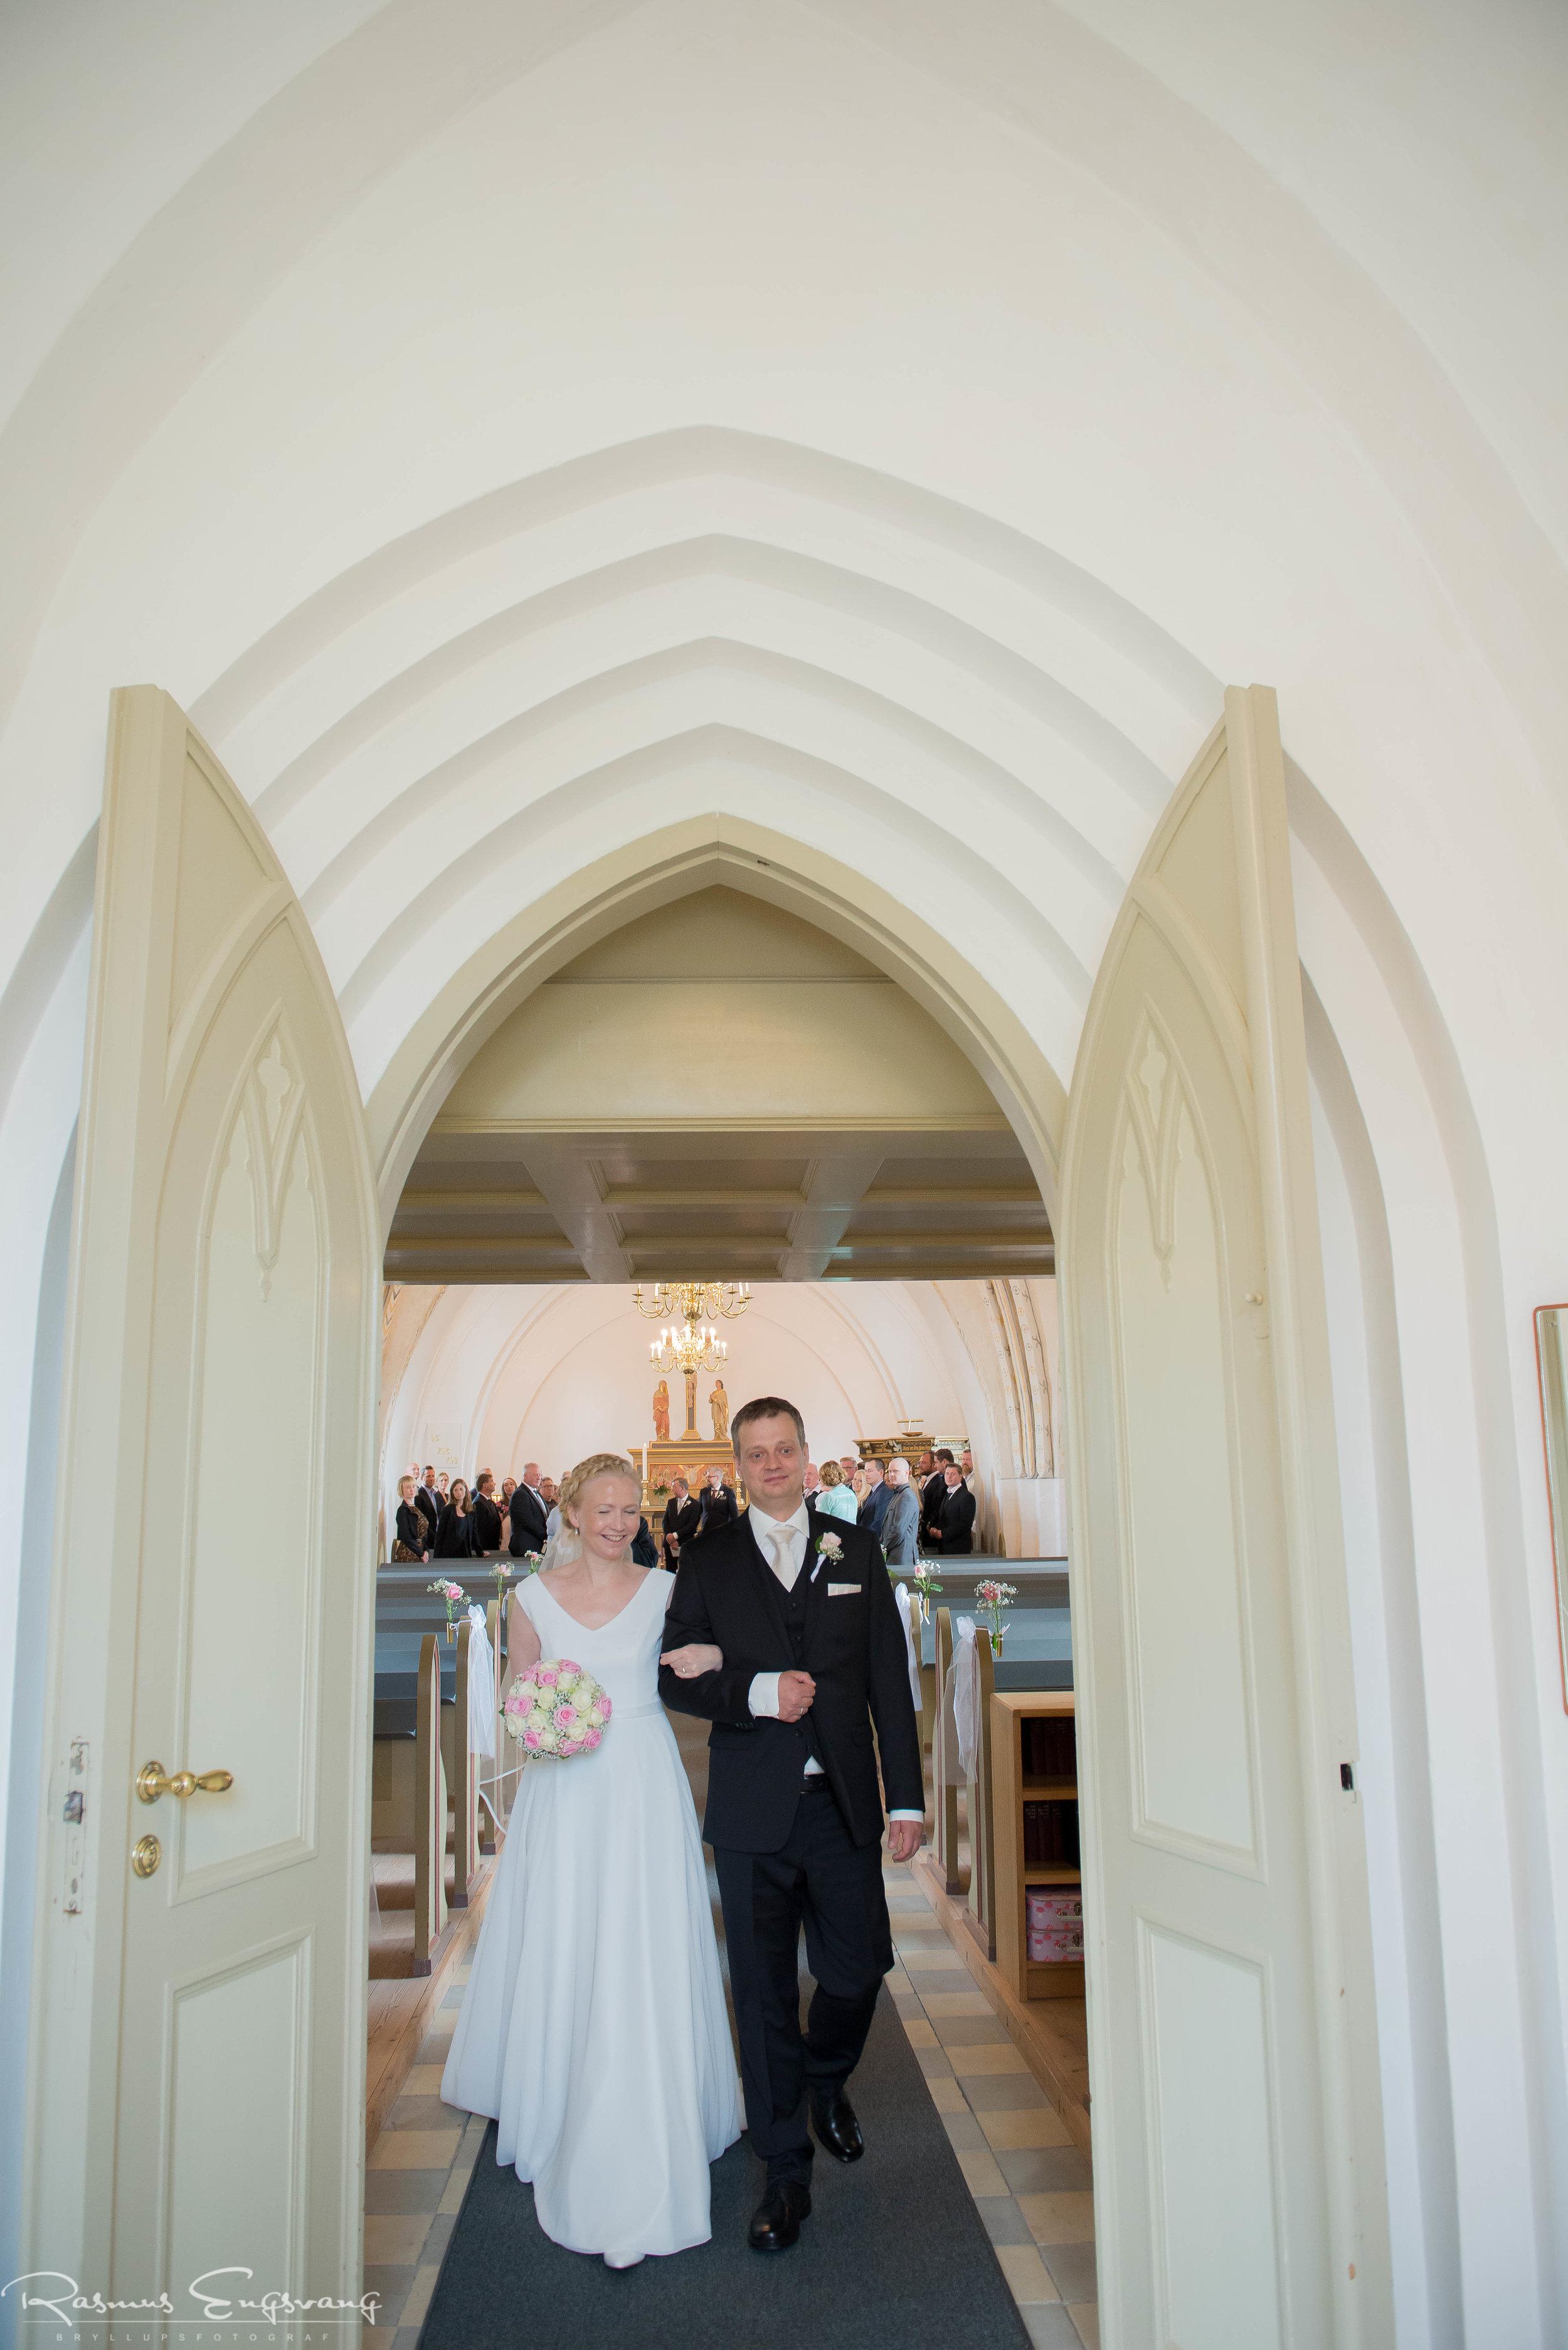 Bryllupsfotograf_Sjælland_Skælskør_Marvede_Fjordbakken-114.jpg